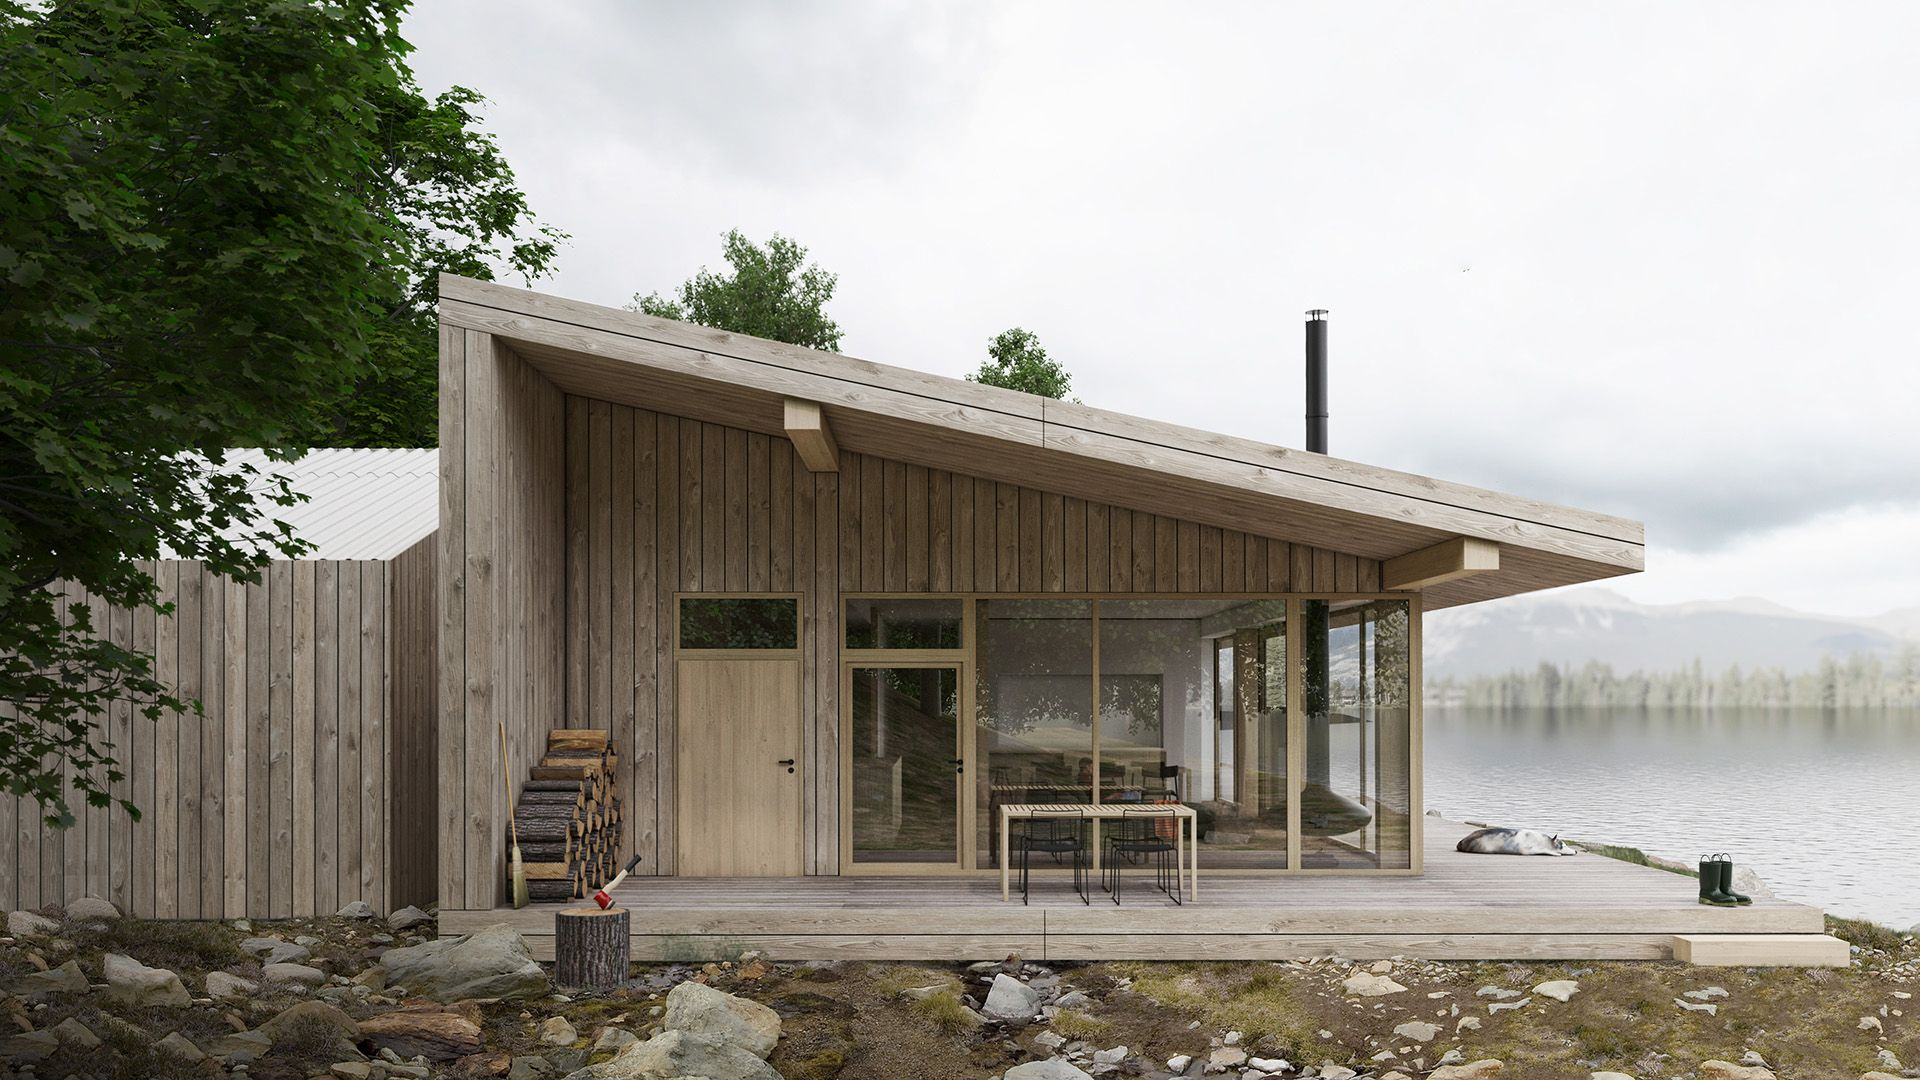 Dom został zaprojektowany jako drewniany szkieletowy w technologii skandynawskiej. Projekt: Mateusz Frankowski, Paweł Lipiński, Fryderyk Graniczny, biuro architektoniczne Ggrupa